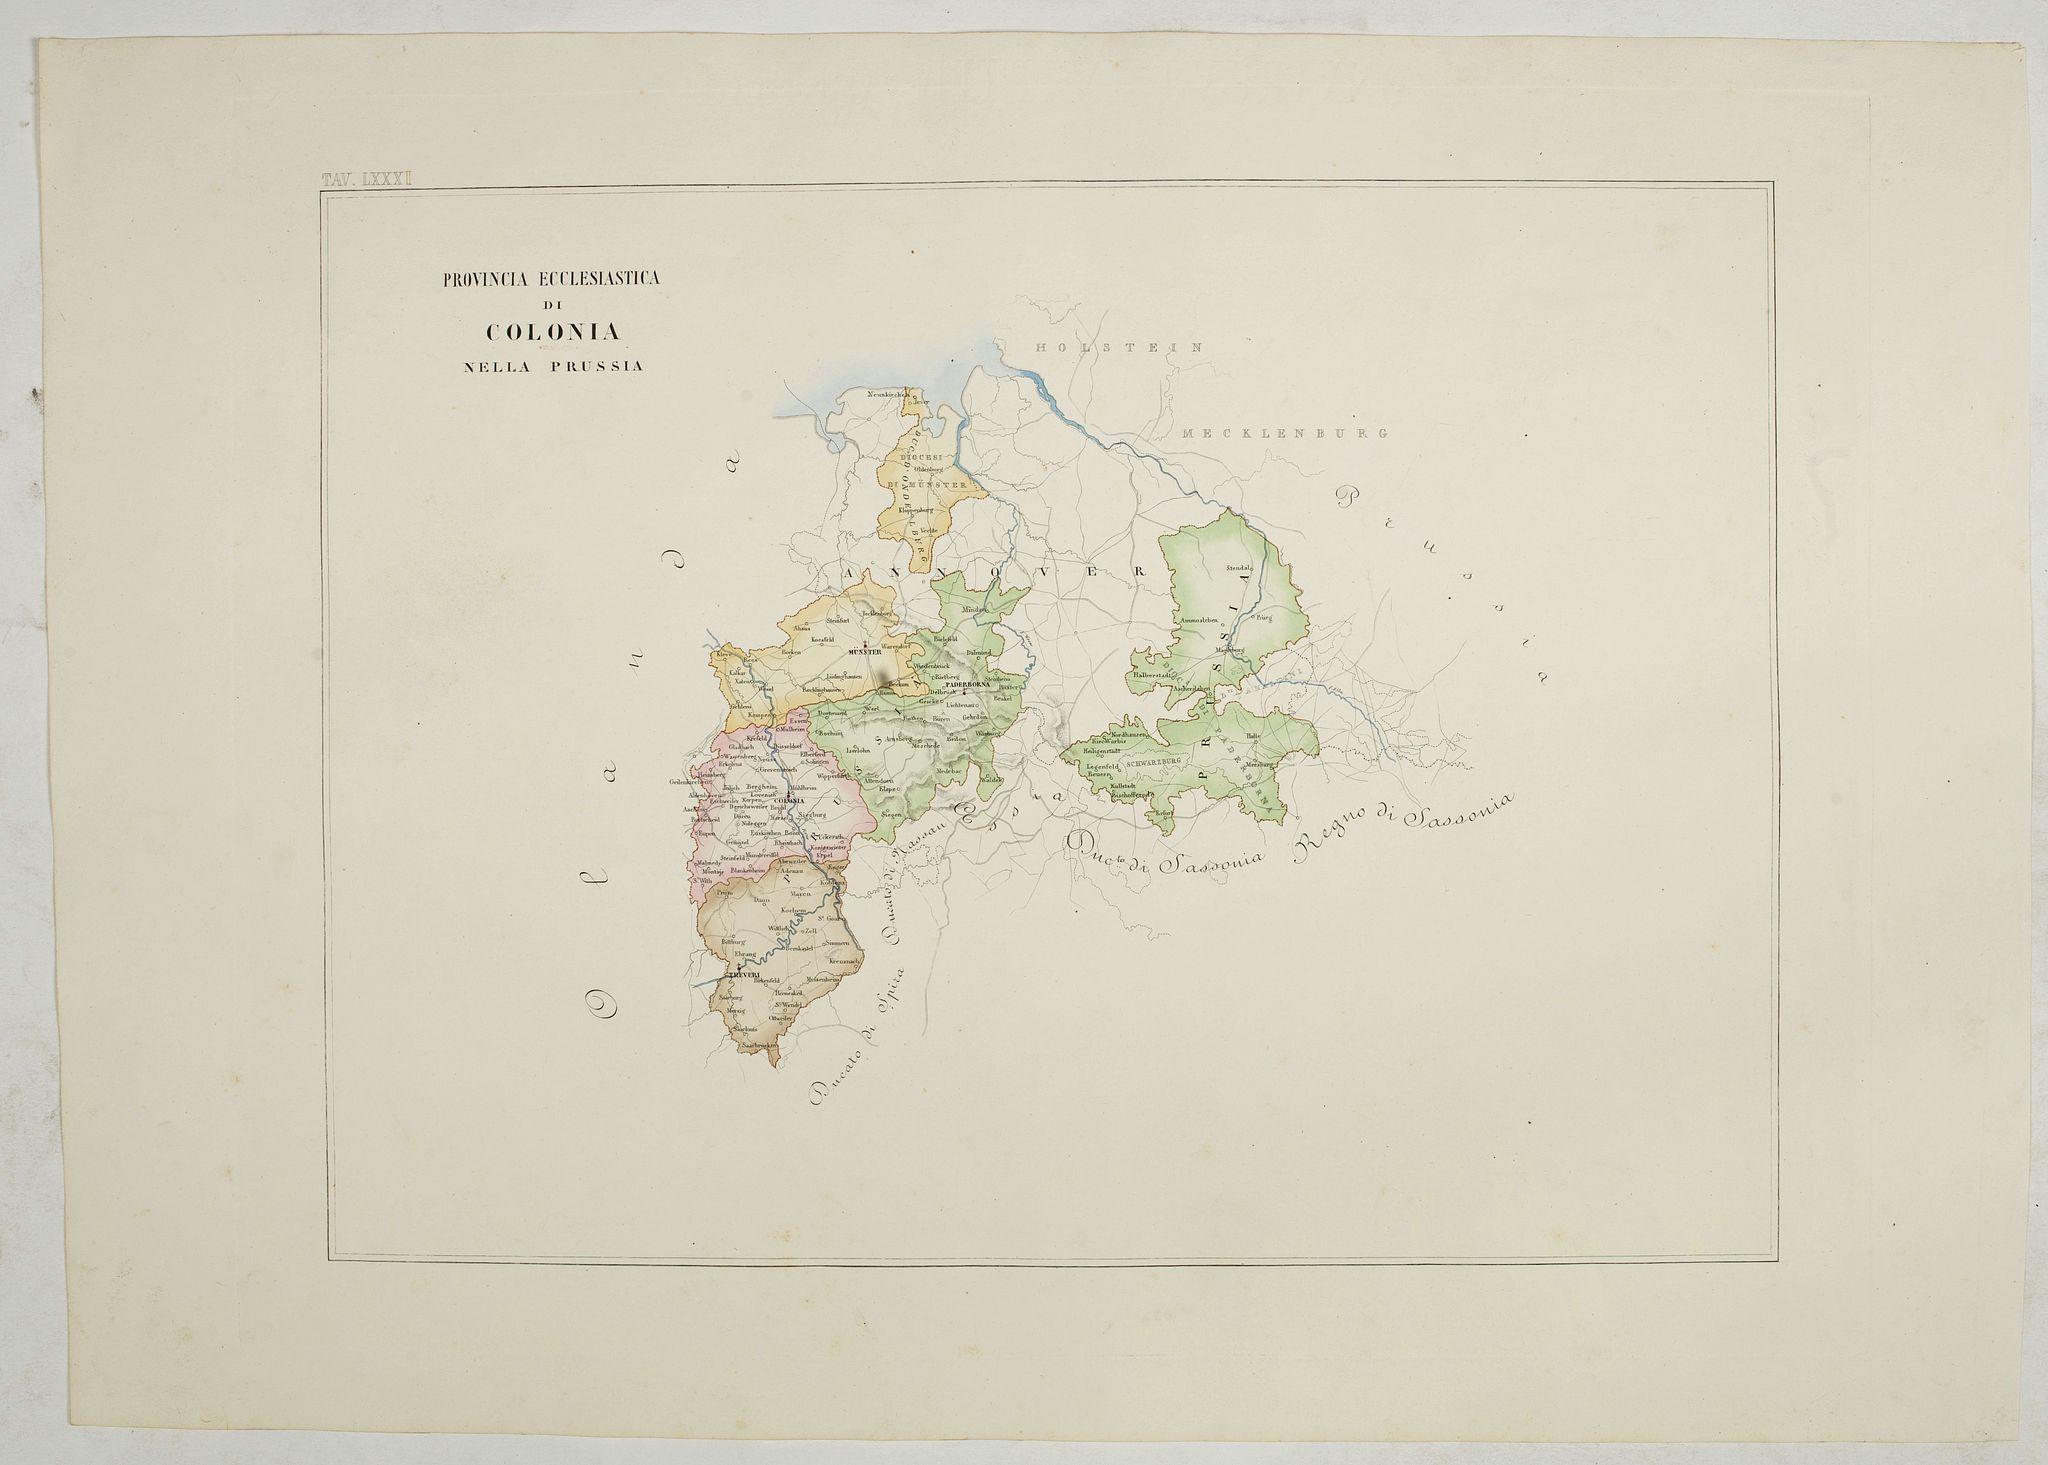 PETRI  Girolamo -  Provincia ecclesiastica di Colonia nella Prussia (Tav LXXXI)